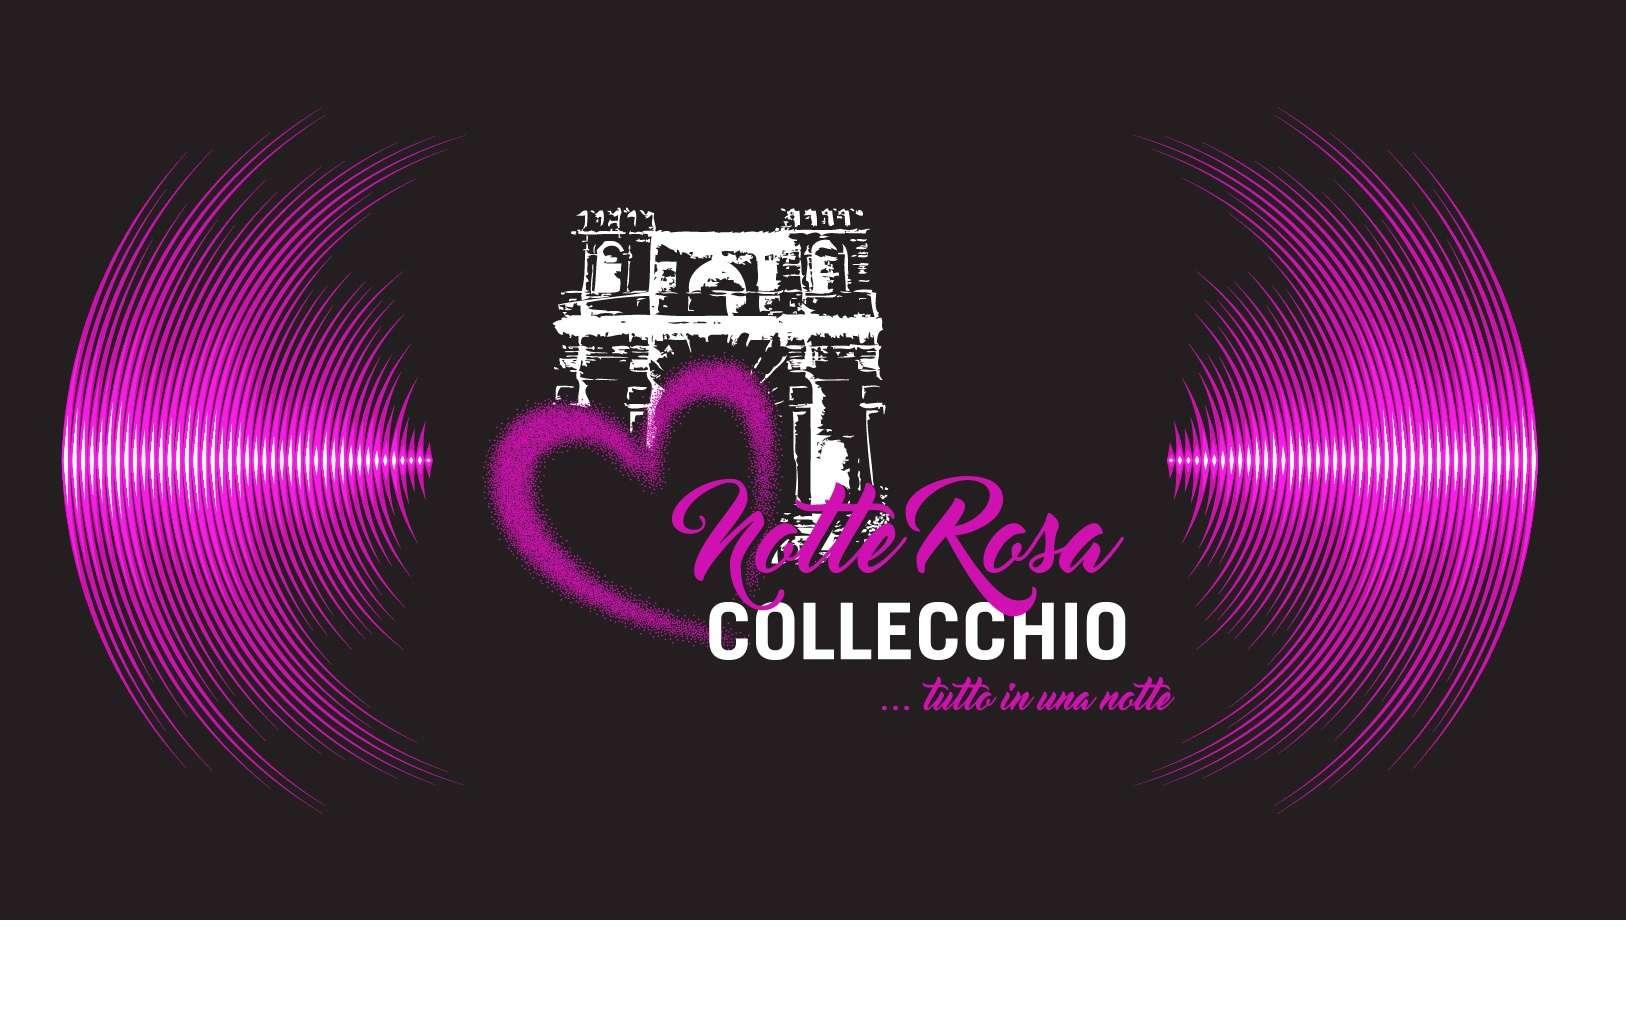 Notte Rosa a Collecchio, il 27 maggio 2017 con Max Testa